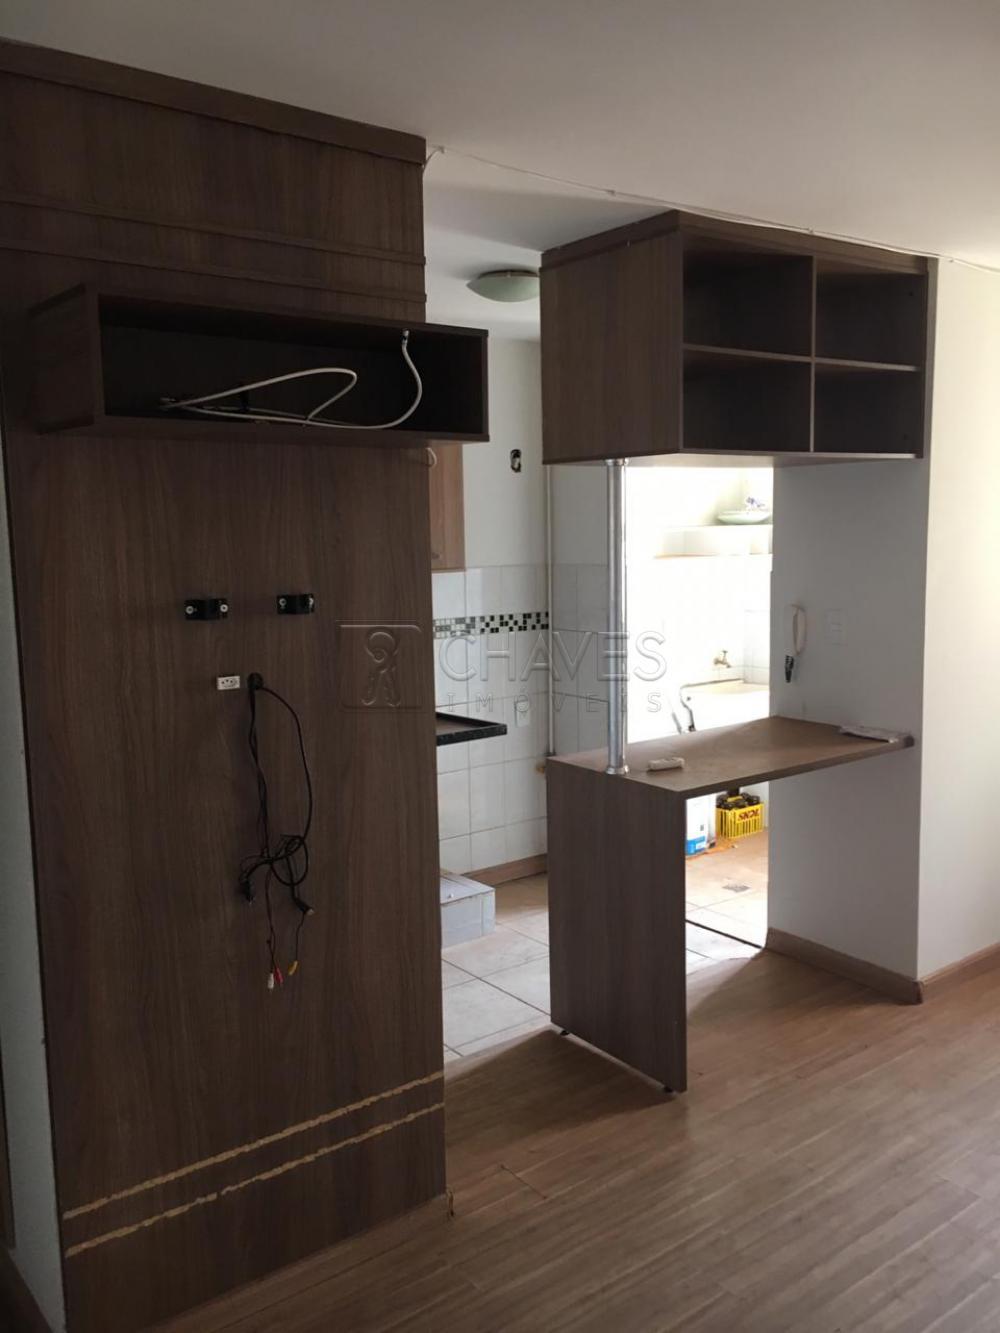 Comprar Apartamento / Padrão em Ribeirão Preto apenas R$ 160.000,00 - Foto 10